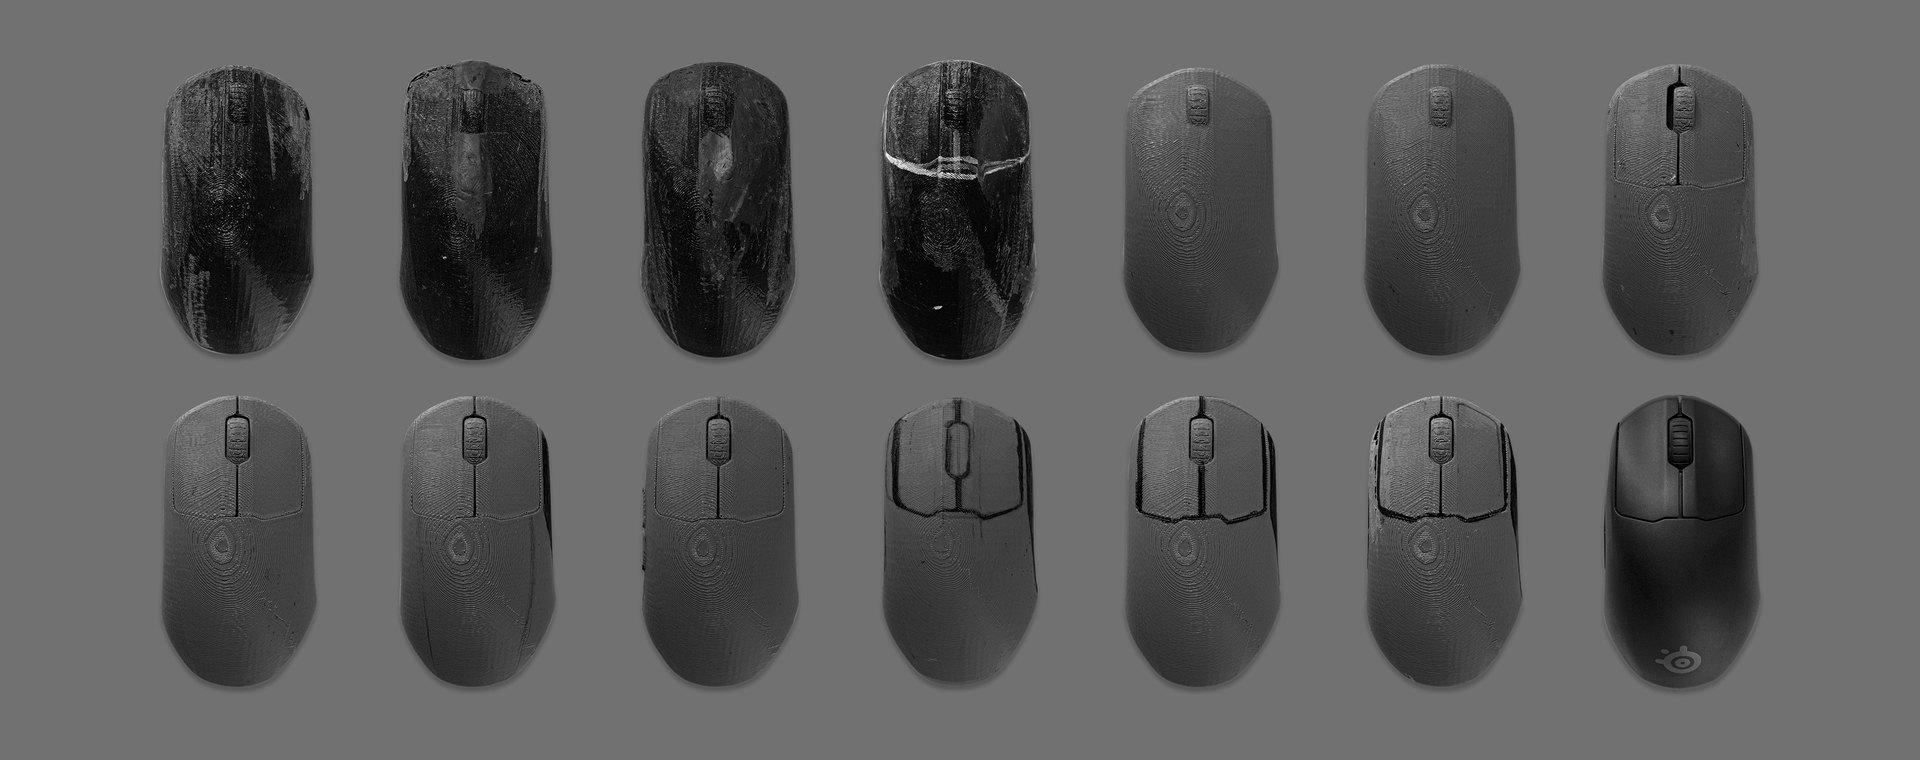 In drei Reihen angeordnete Abbildungen von Mäusen zeigen die Entwicklung des Designs auf Grundlage von Feedback und Tests.